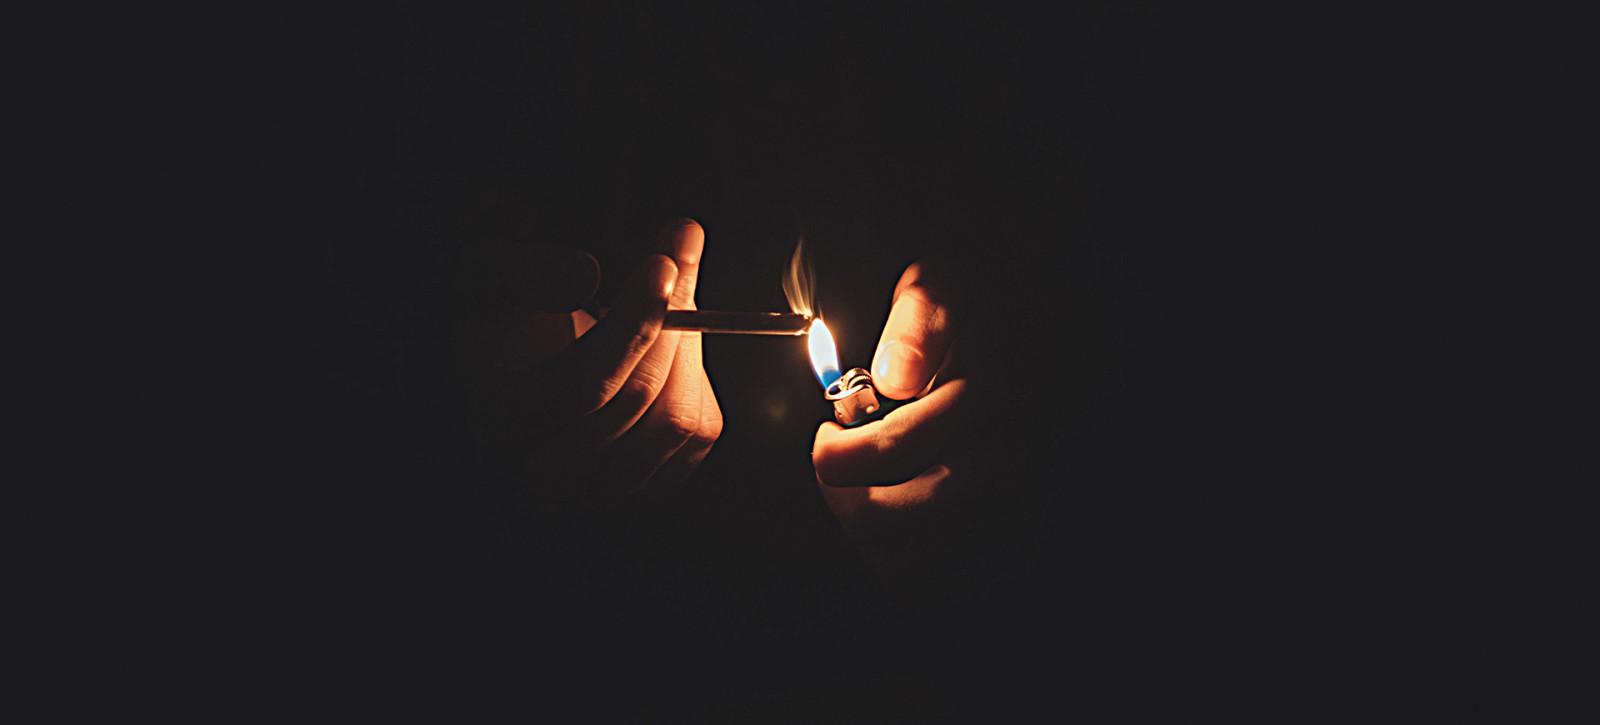 07_UTWORY__Patti SMITH__Ogień z nieznanego źródła (1)